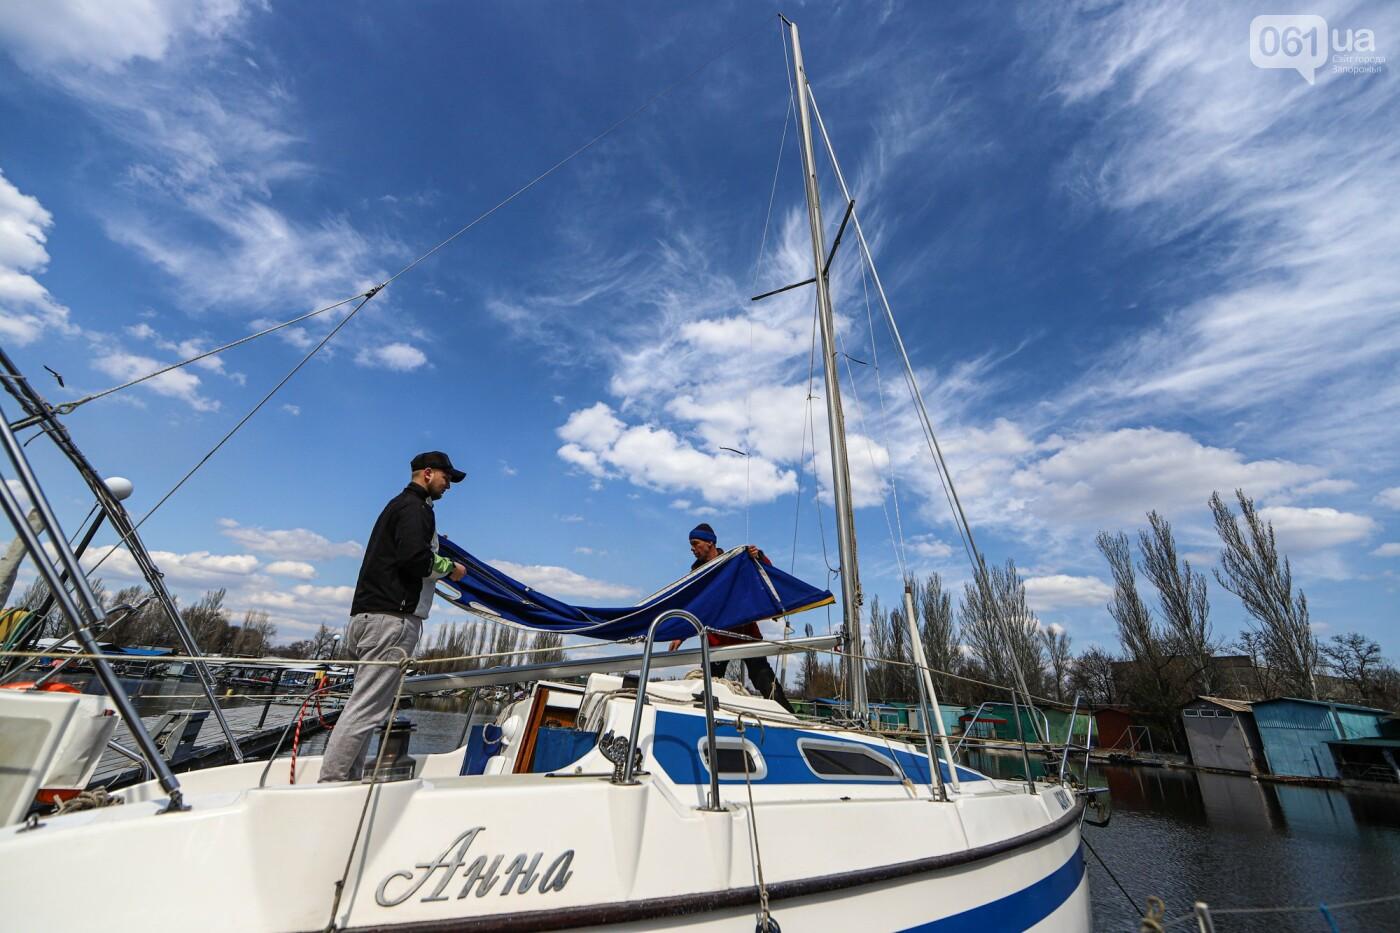 «Семь футов под килем!»: как в запорожском яхт-клубе спускали судна на воду, - ФОТОРЕПОРТАЖ , фото-54